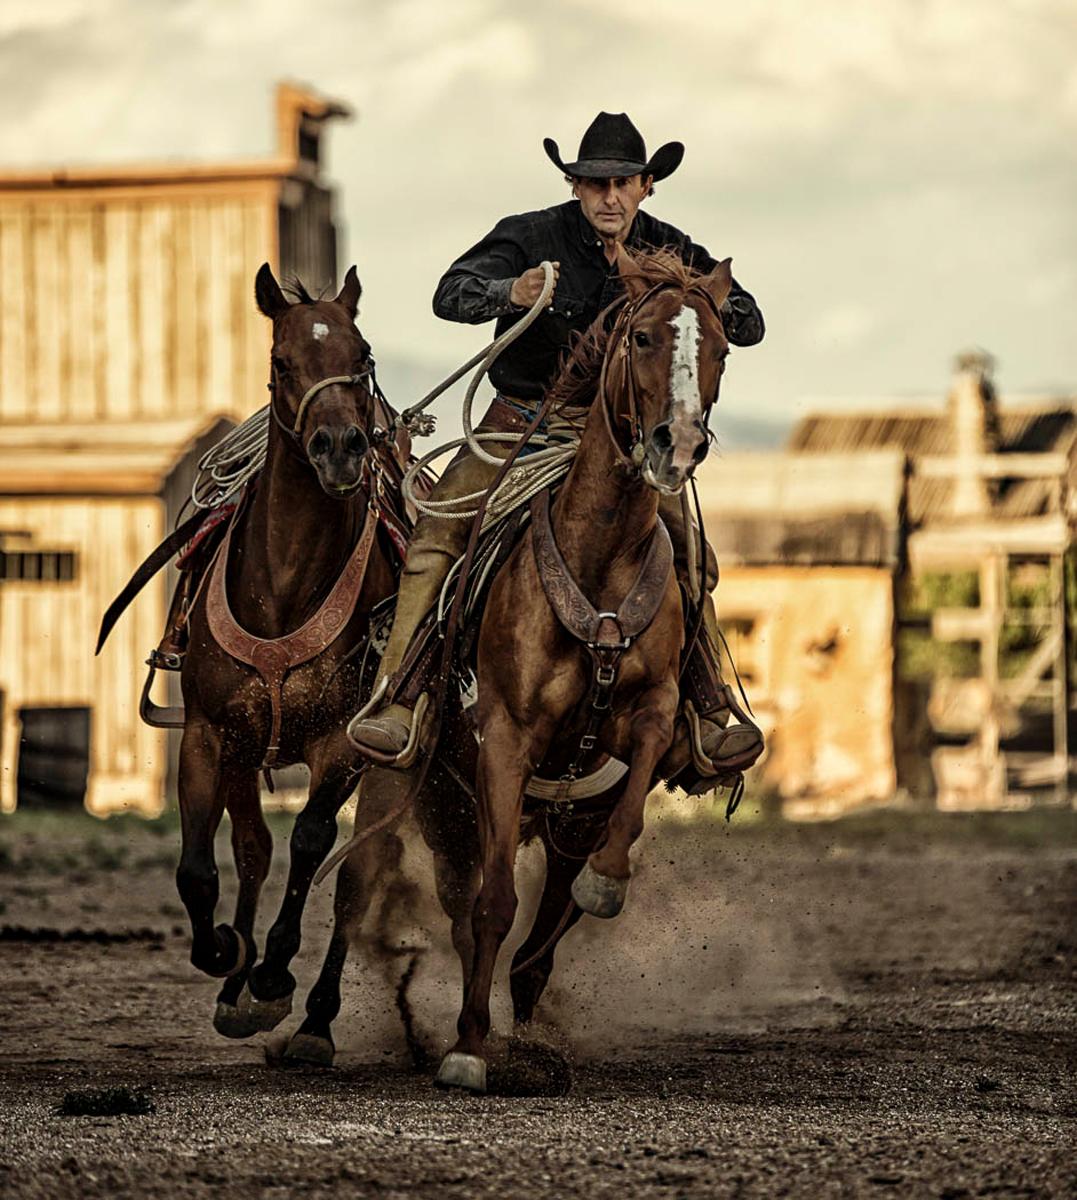 Clint-Riding-2.jpg